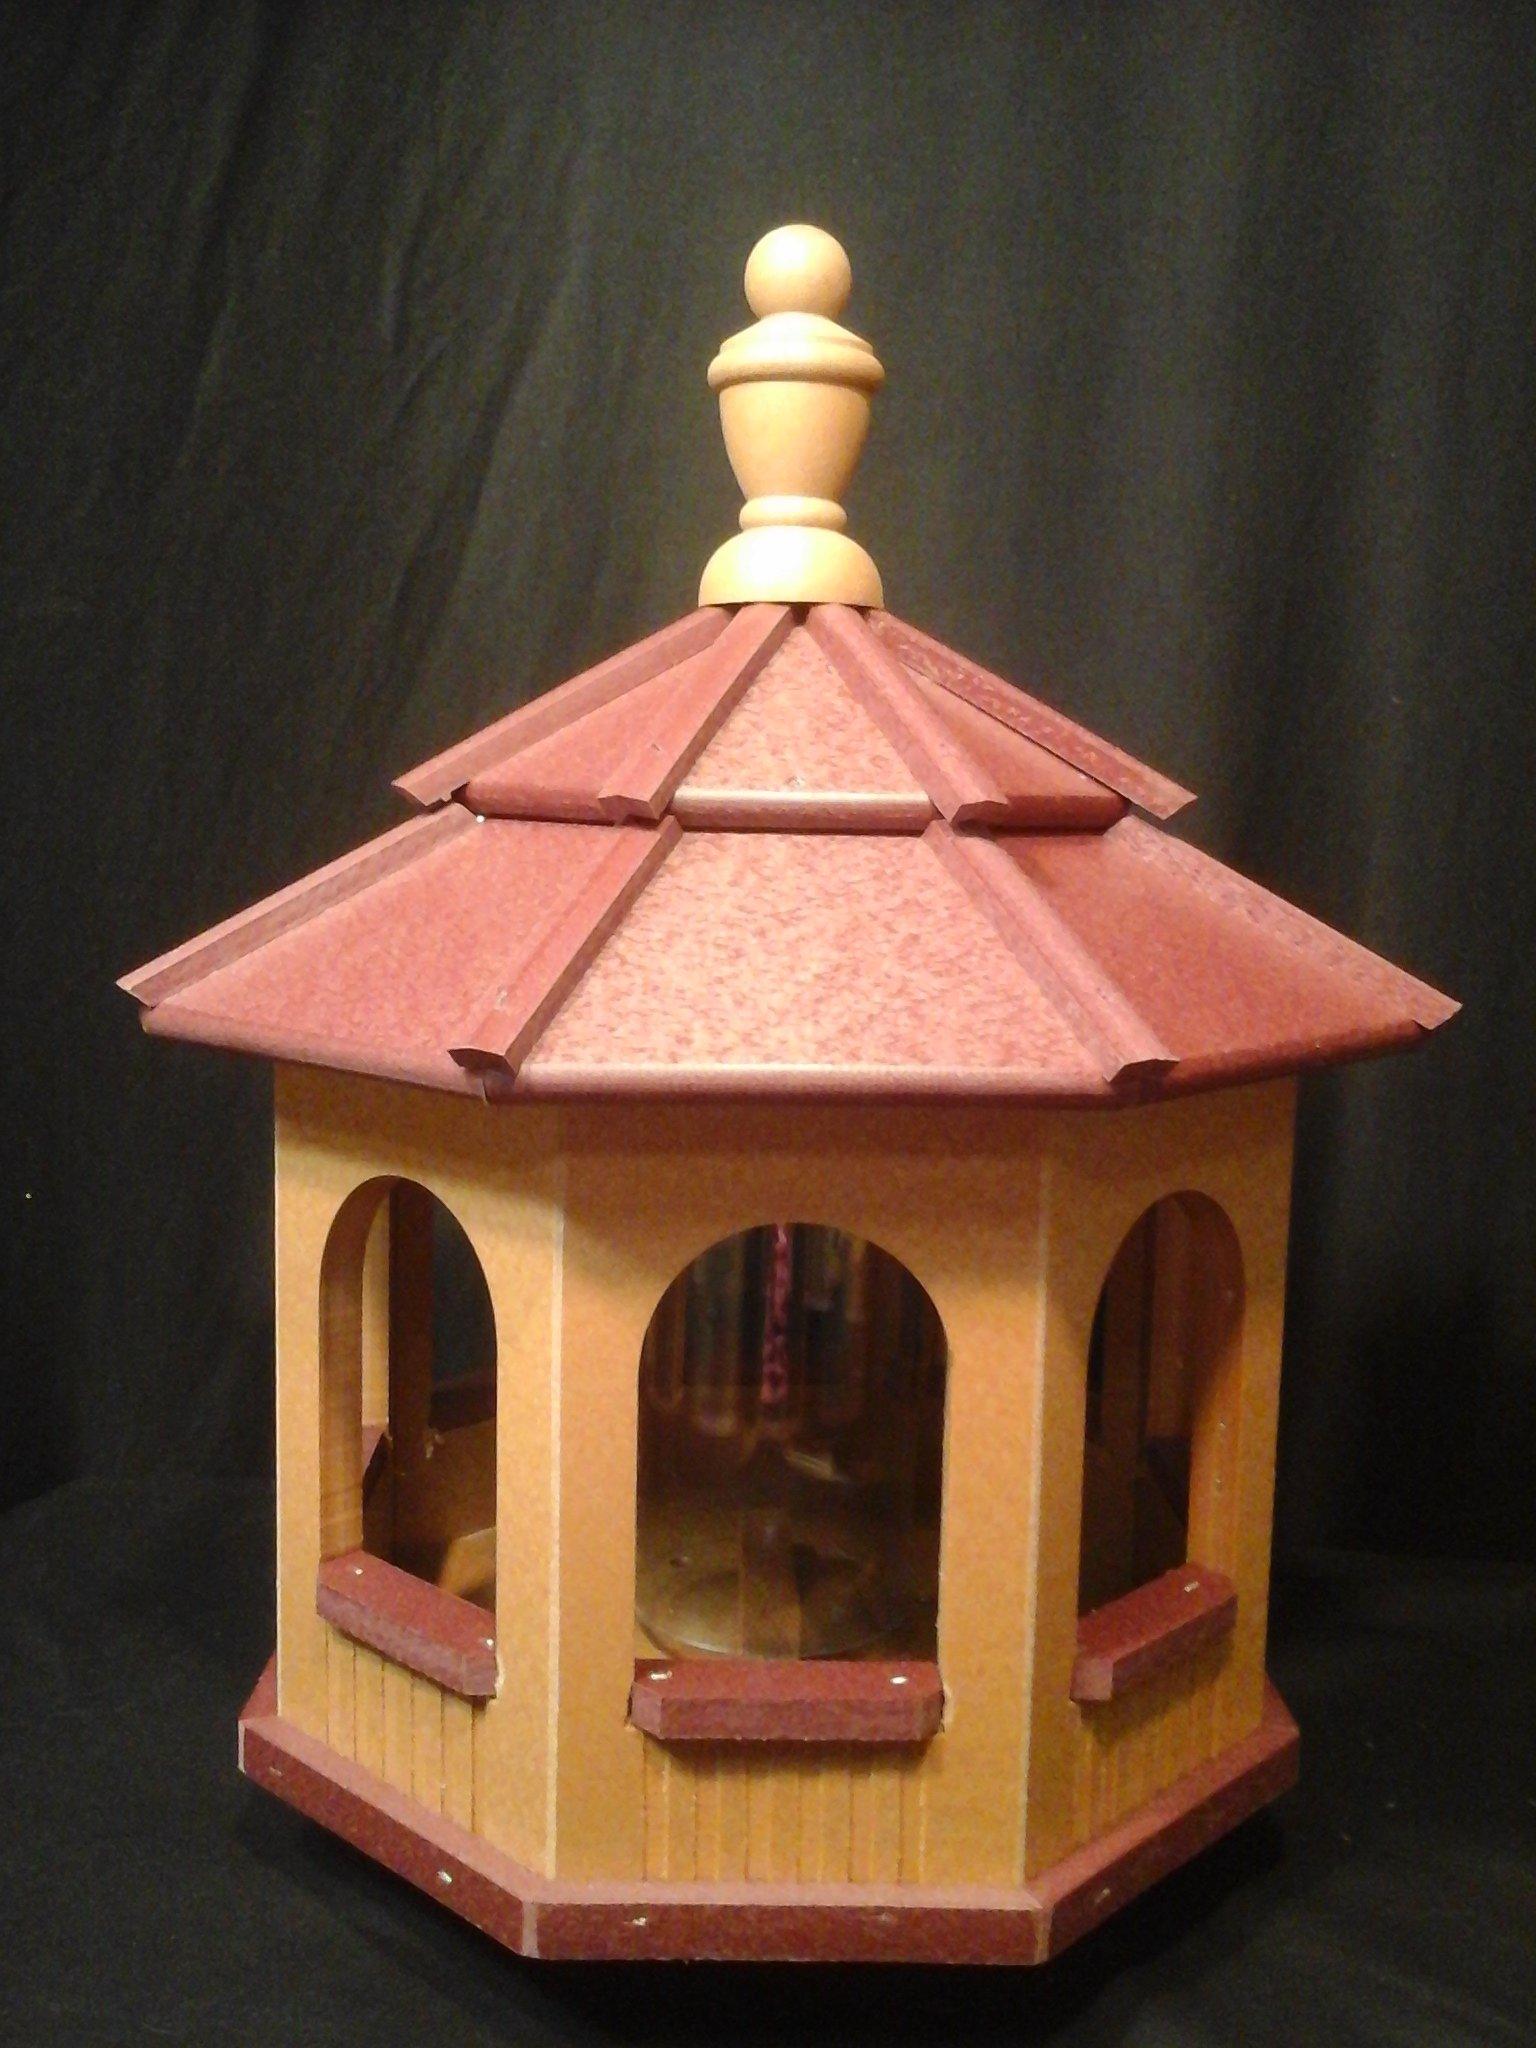 Vinyl Gazebo Bird Feeder Amish Homemade Handmade Handcrafted Cedar & Red med